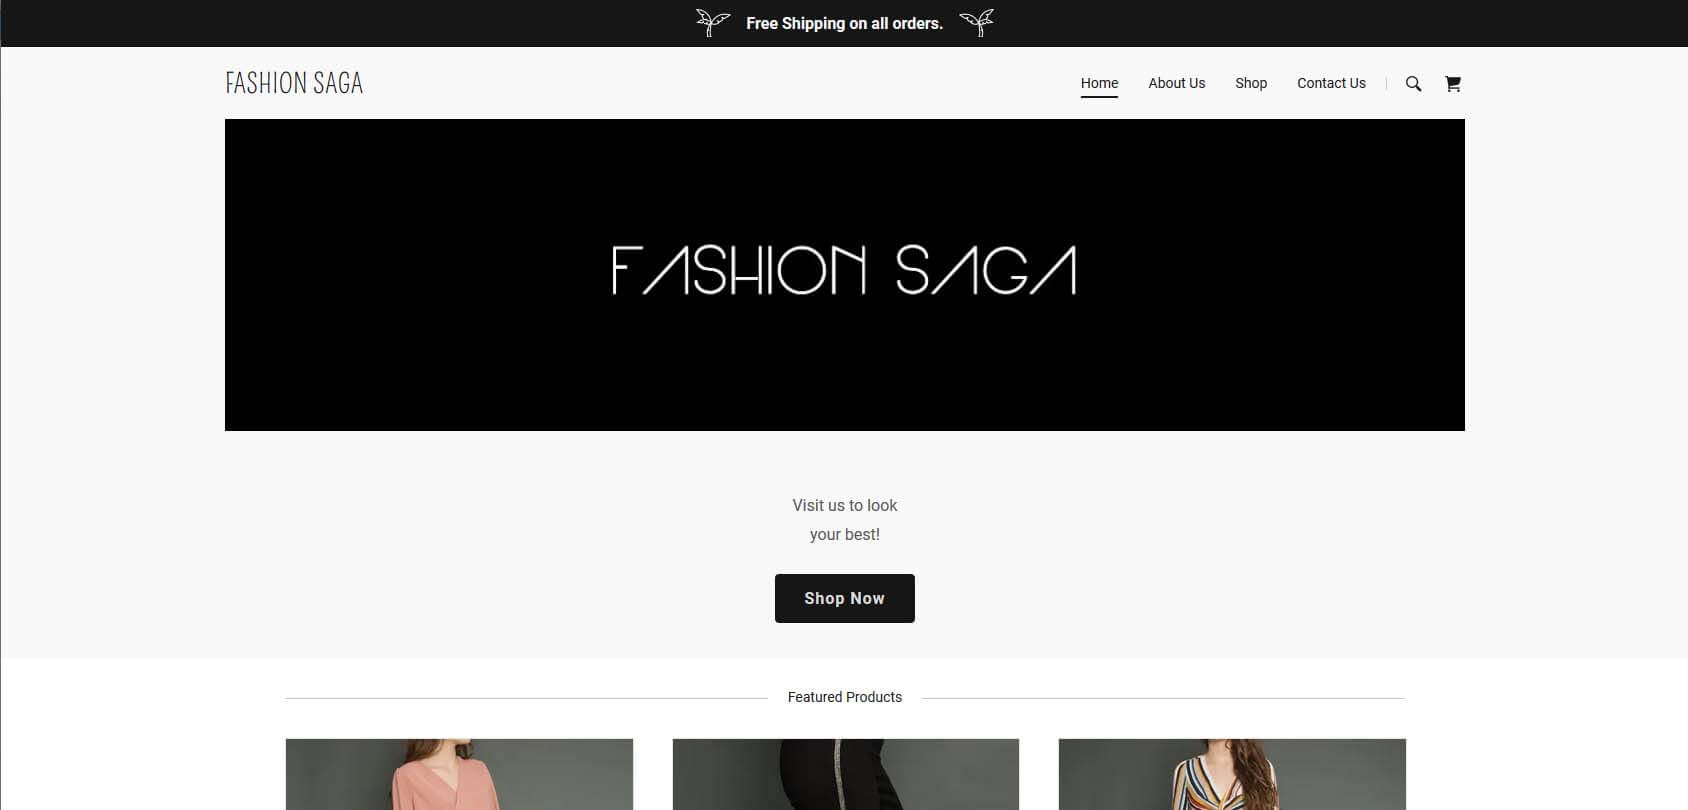 Fashion Saga Homepage